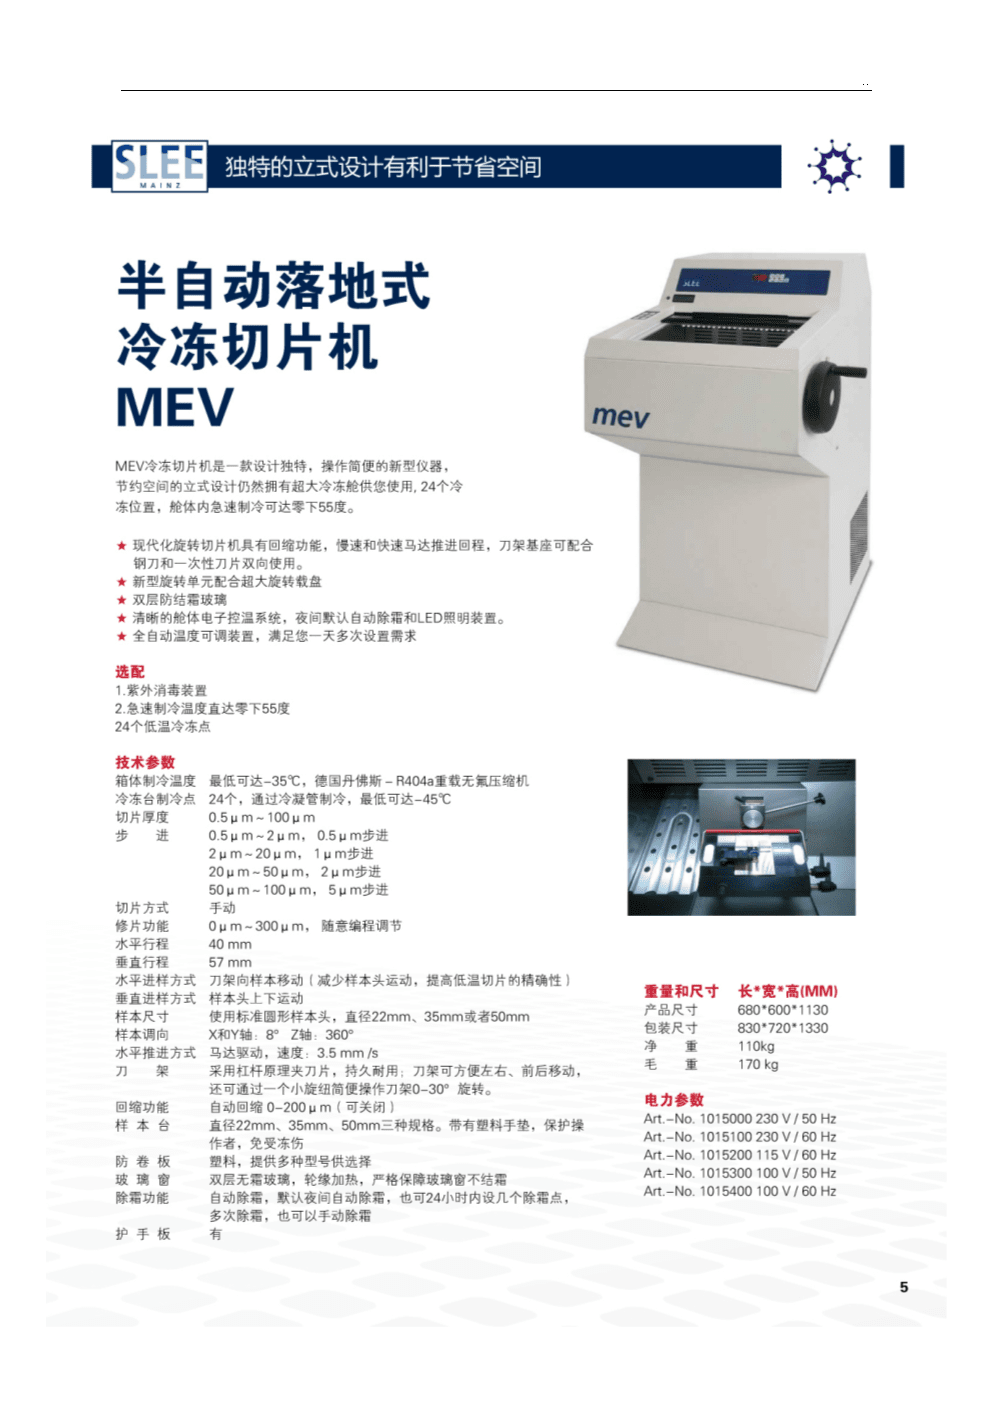 半自动落地式冷冻切片机MEV.doc